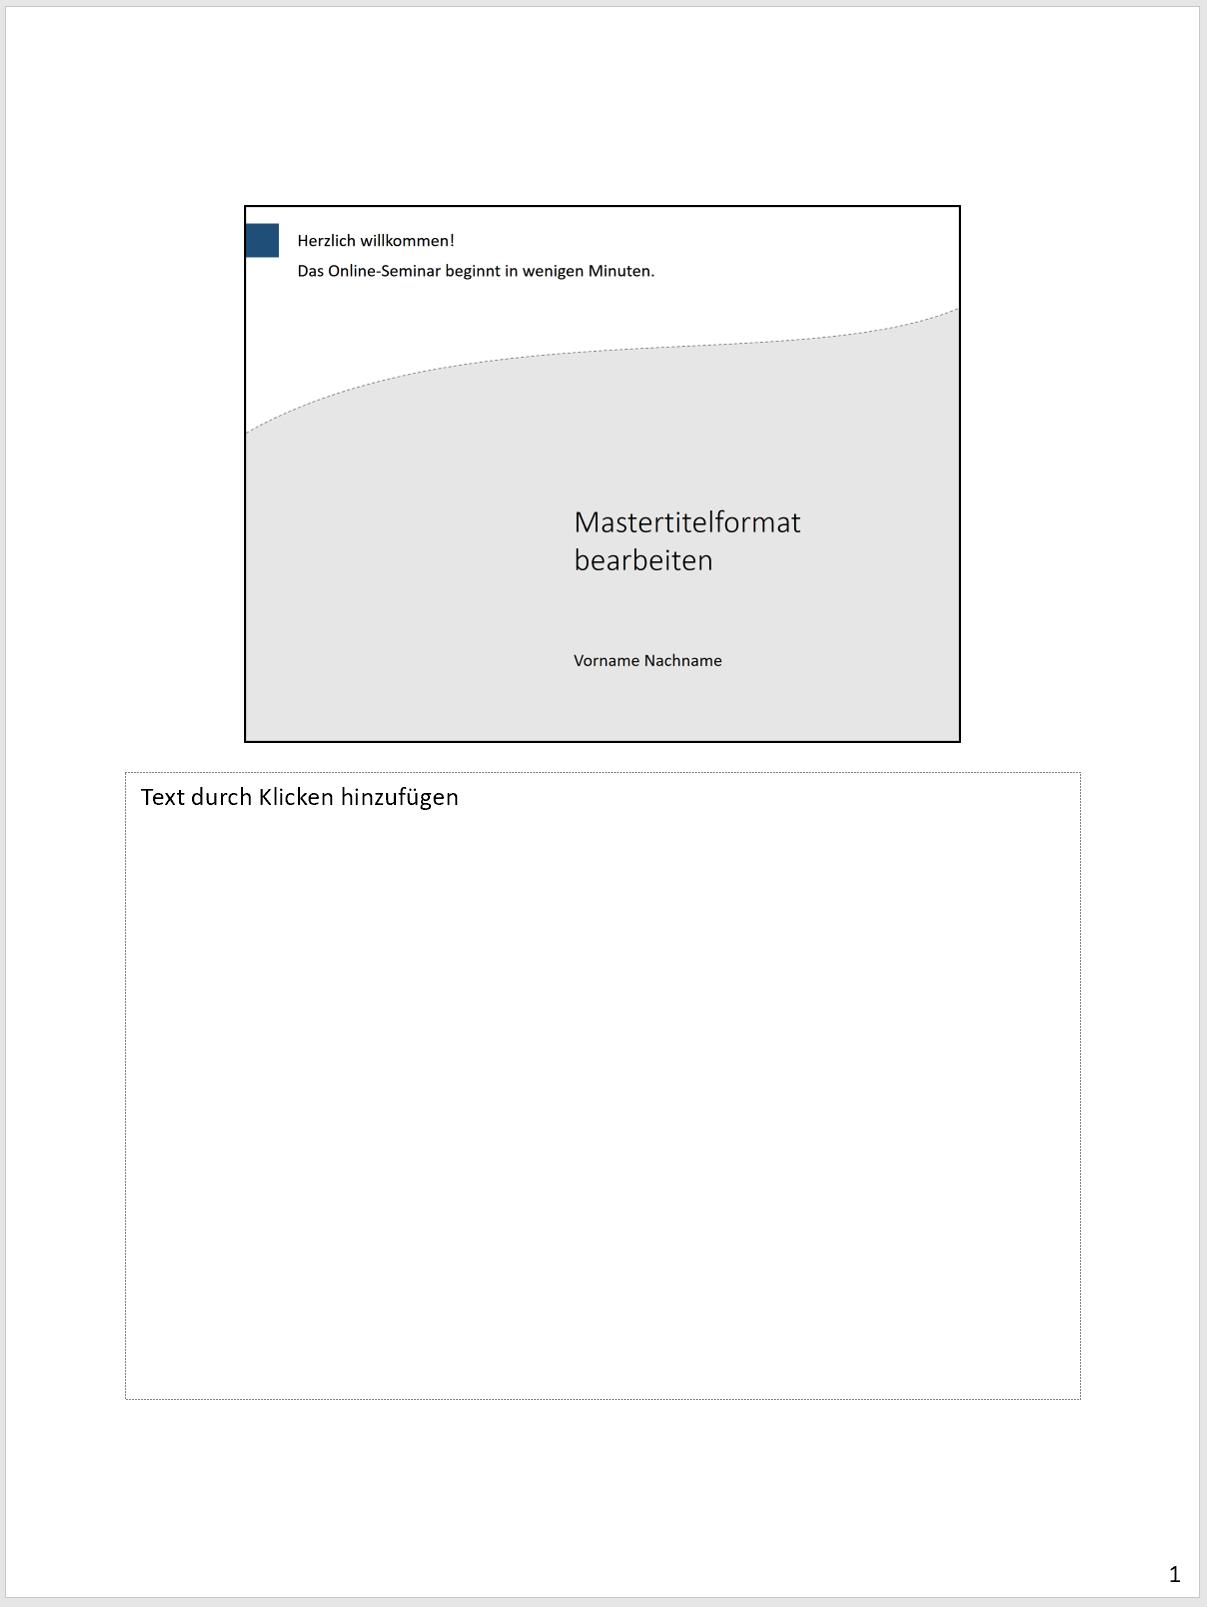 Standardansicht der Notizenseiten in PowerPoint anhand eines Beispiels